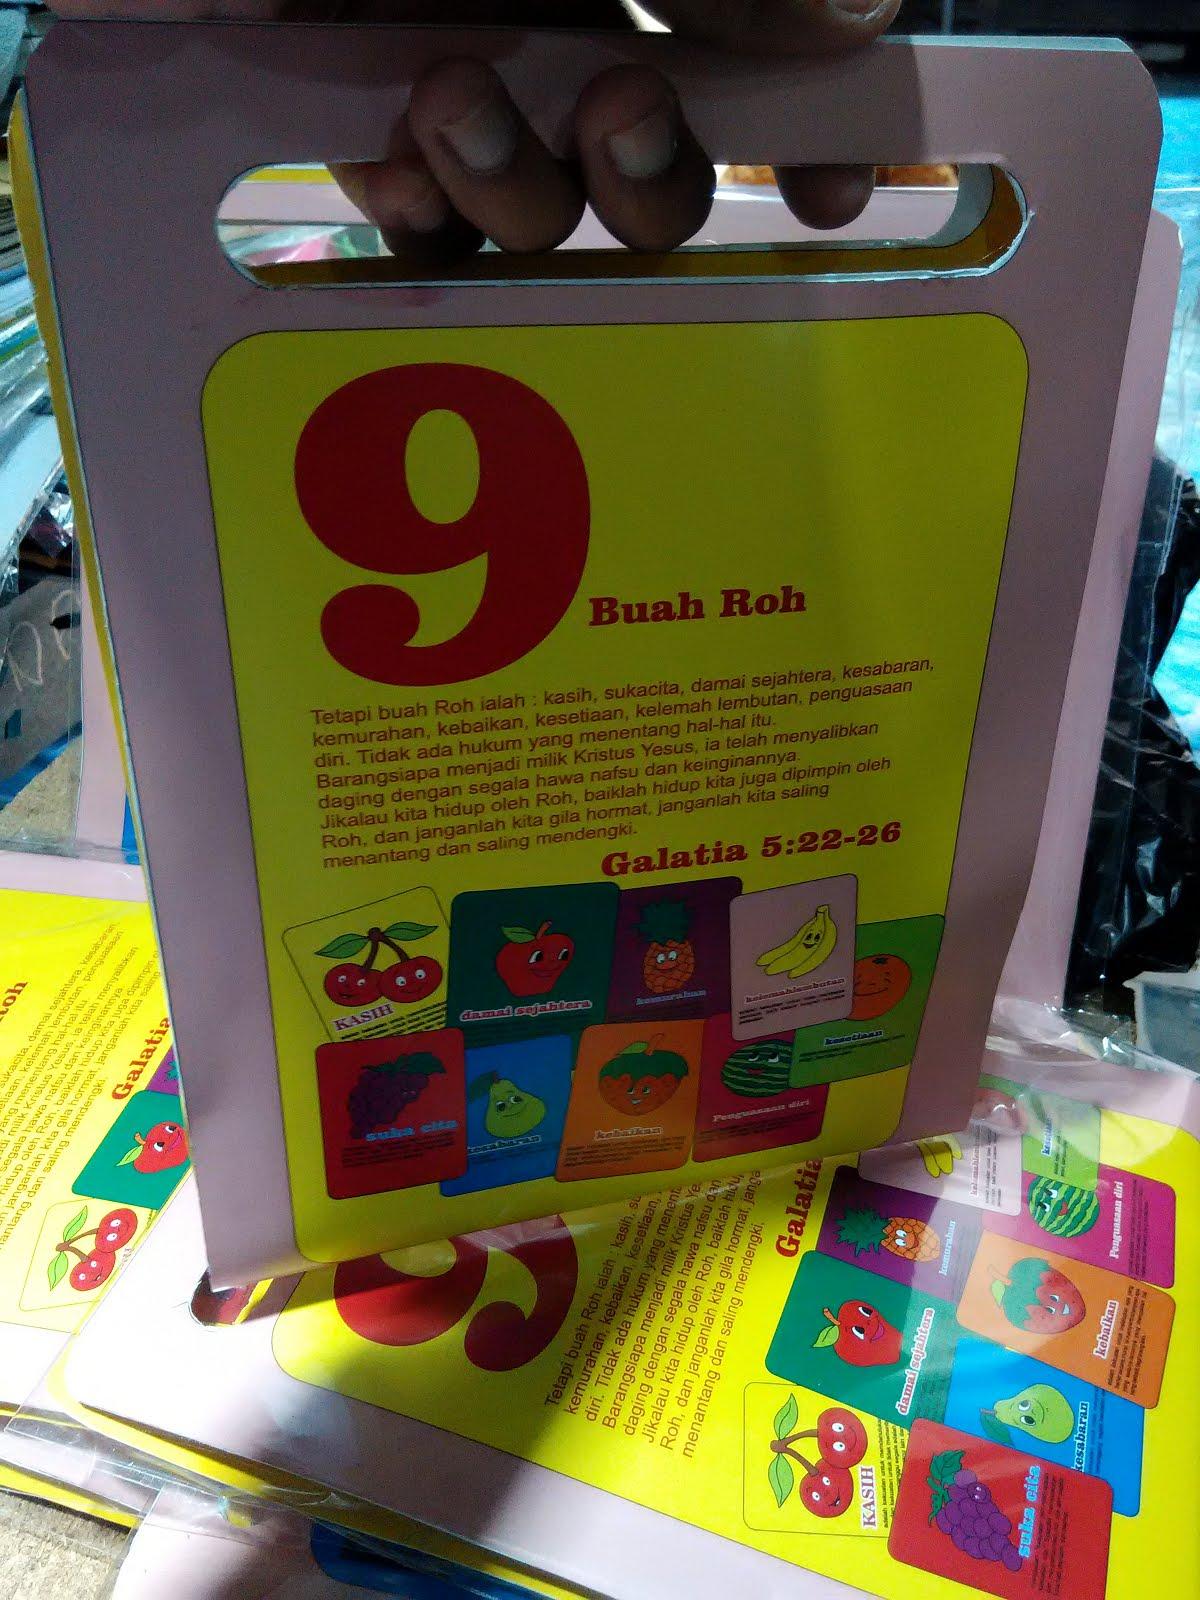 Kartu bingo 9 buah roh dan 7 sakramen gereja